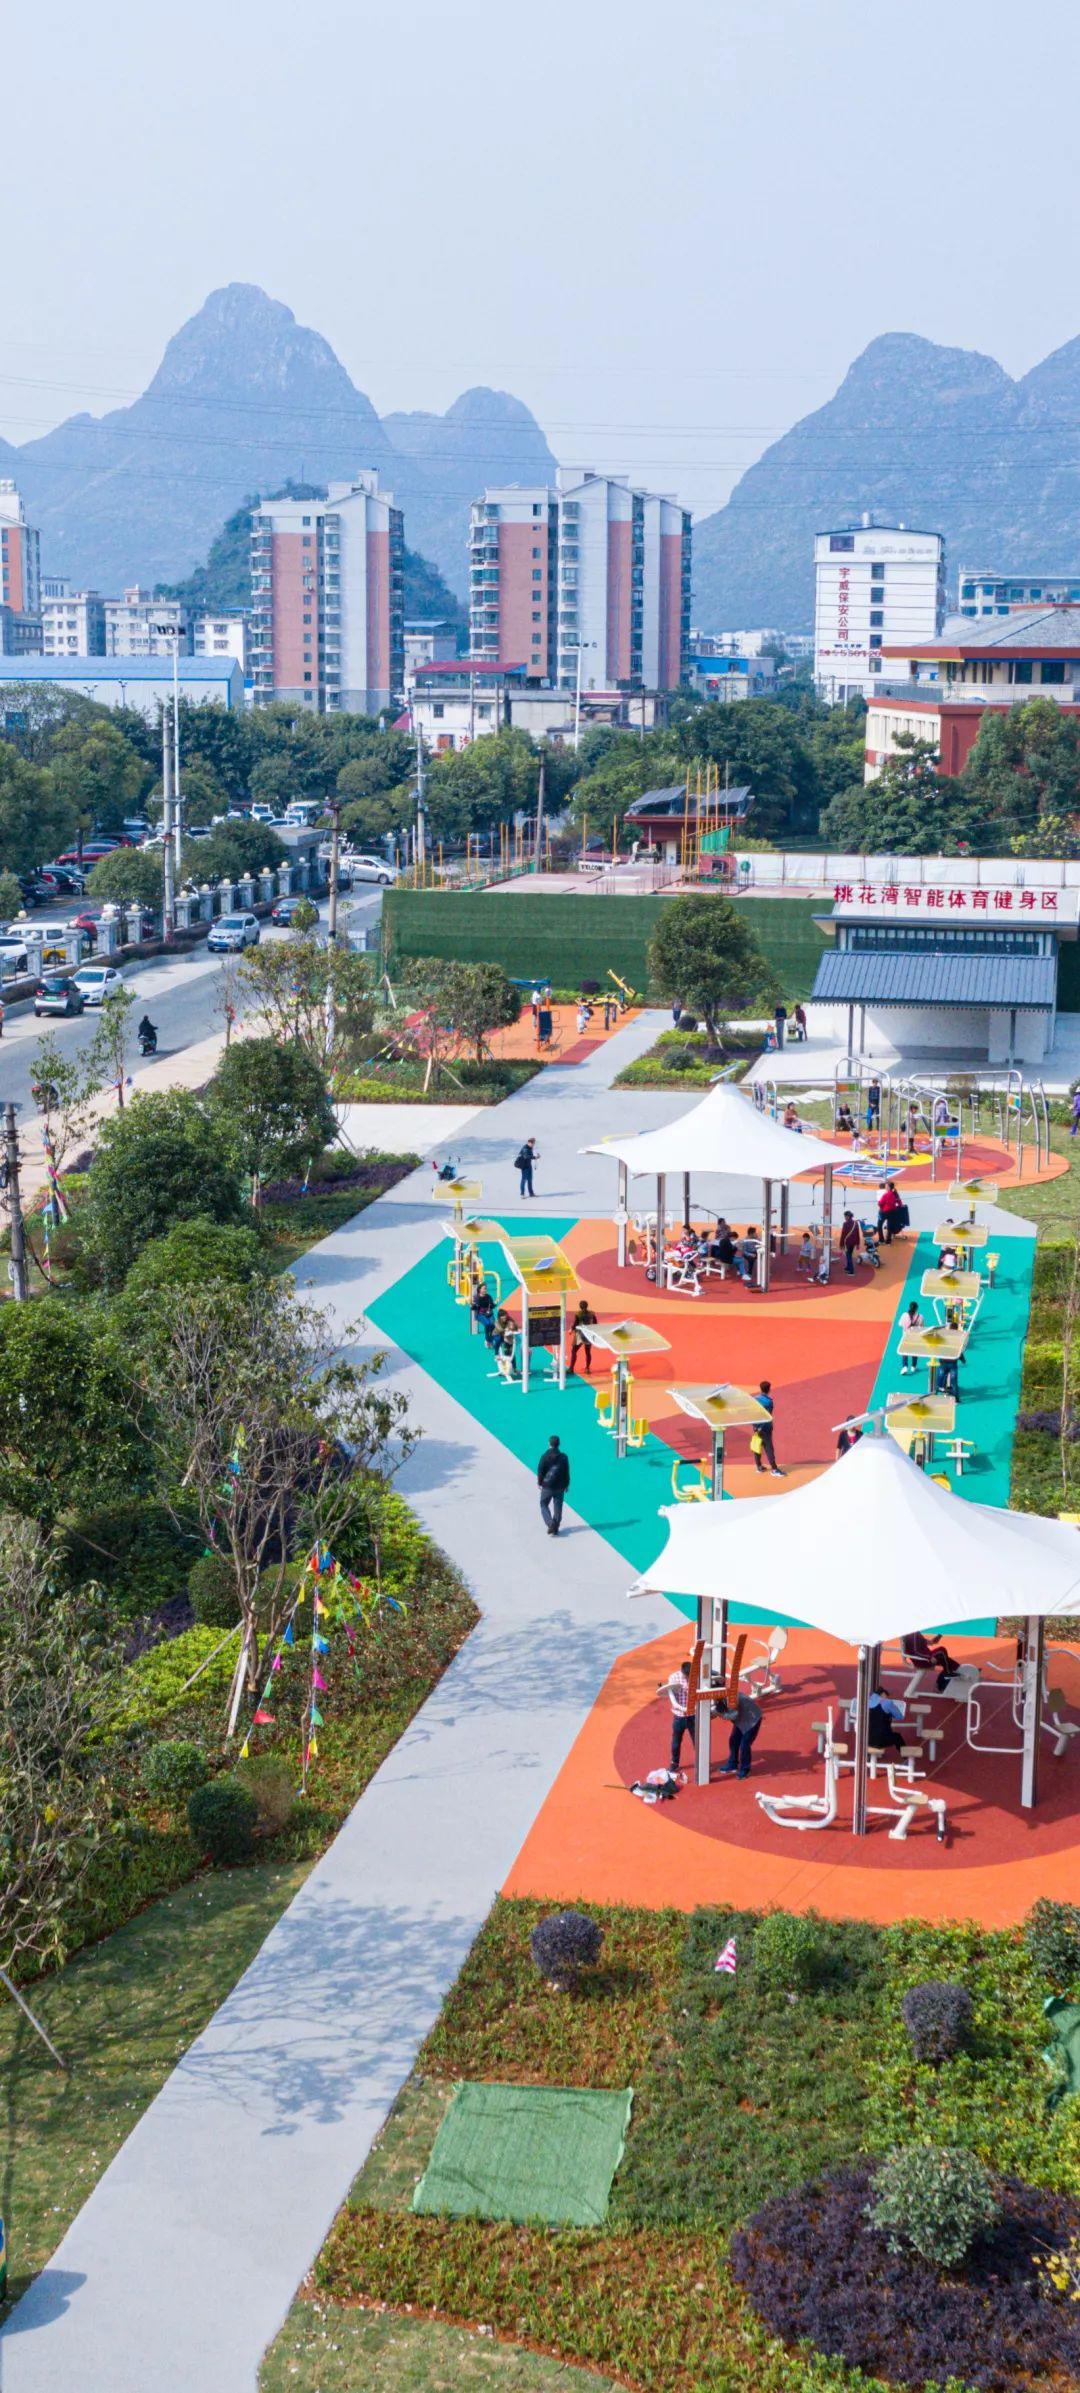 舒華承建廣西桂林市首個智能體育公園